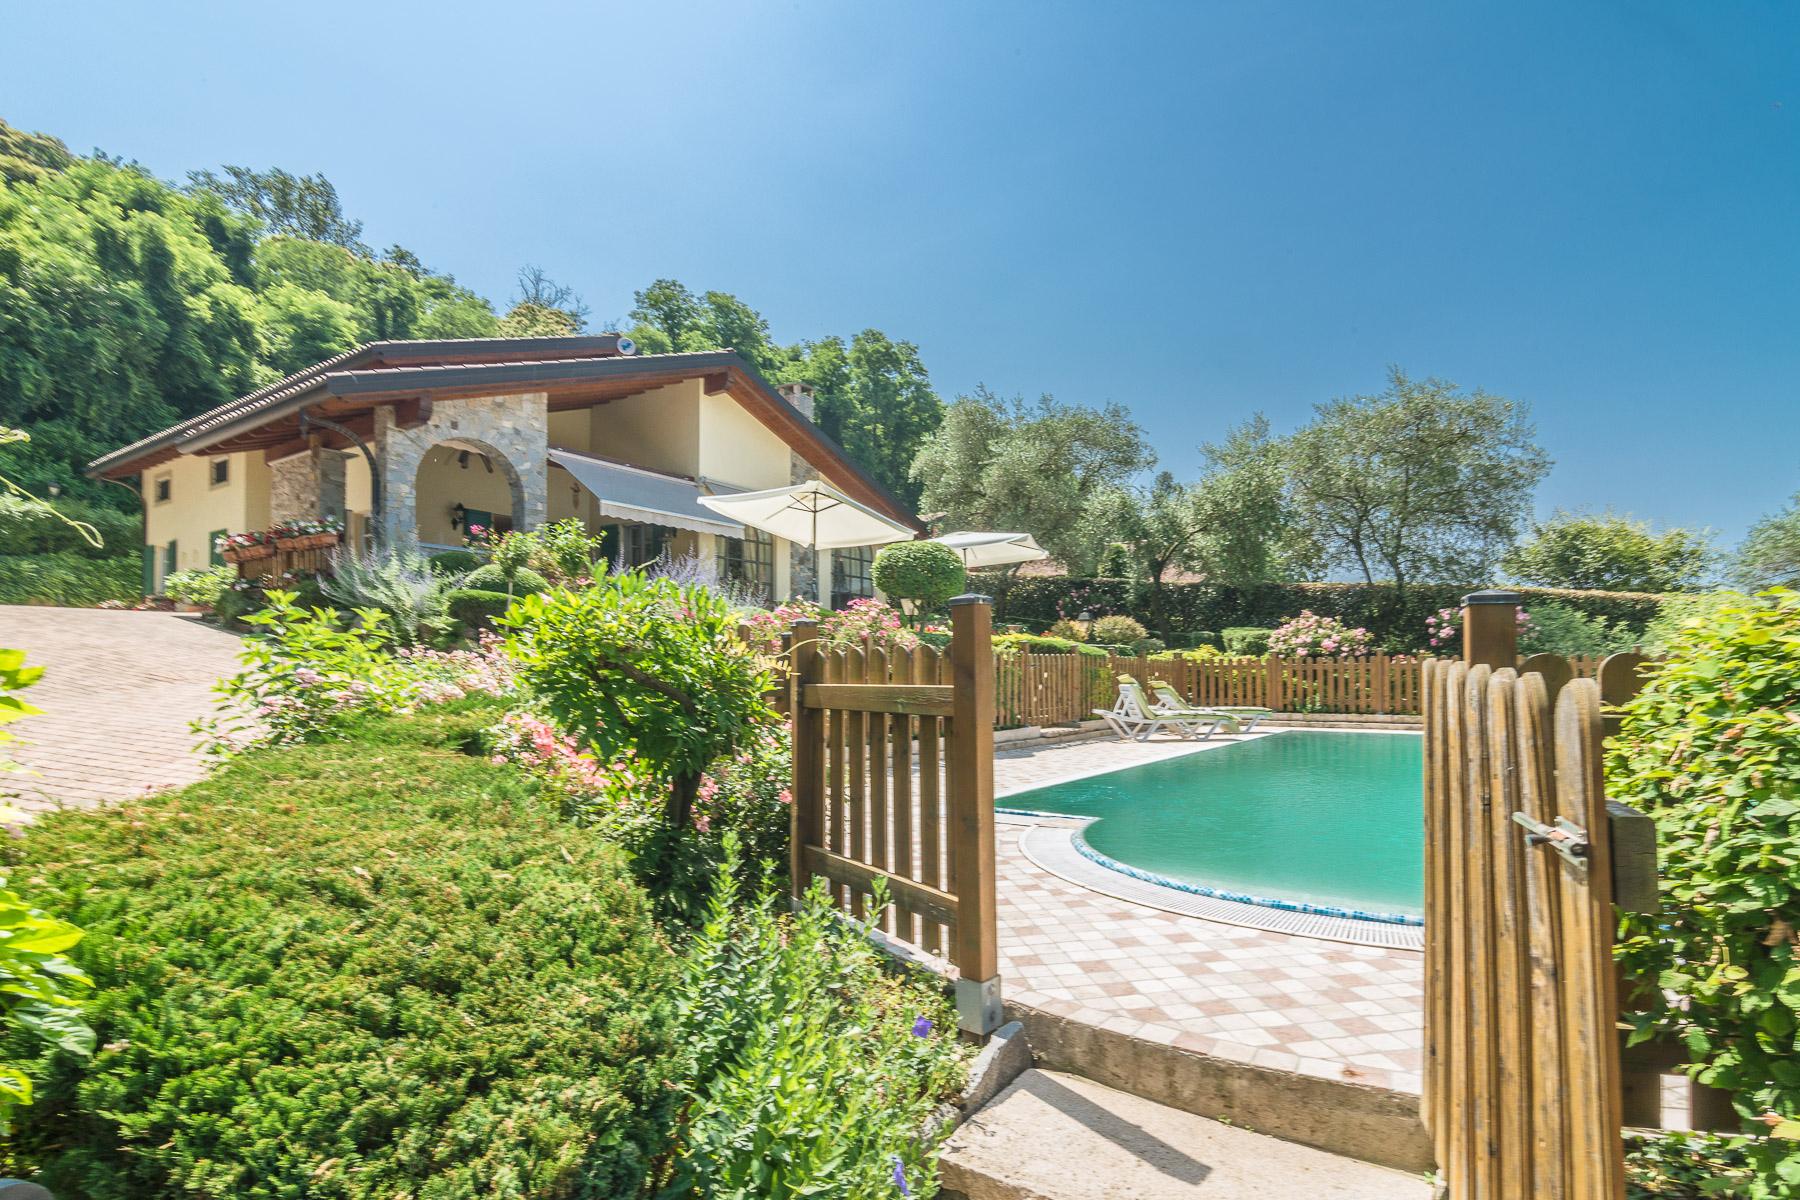 Villa in Vendita a Besozzo via massino